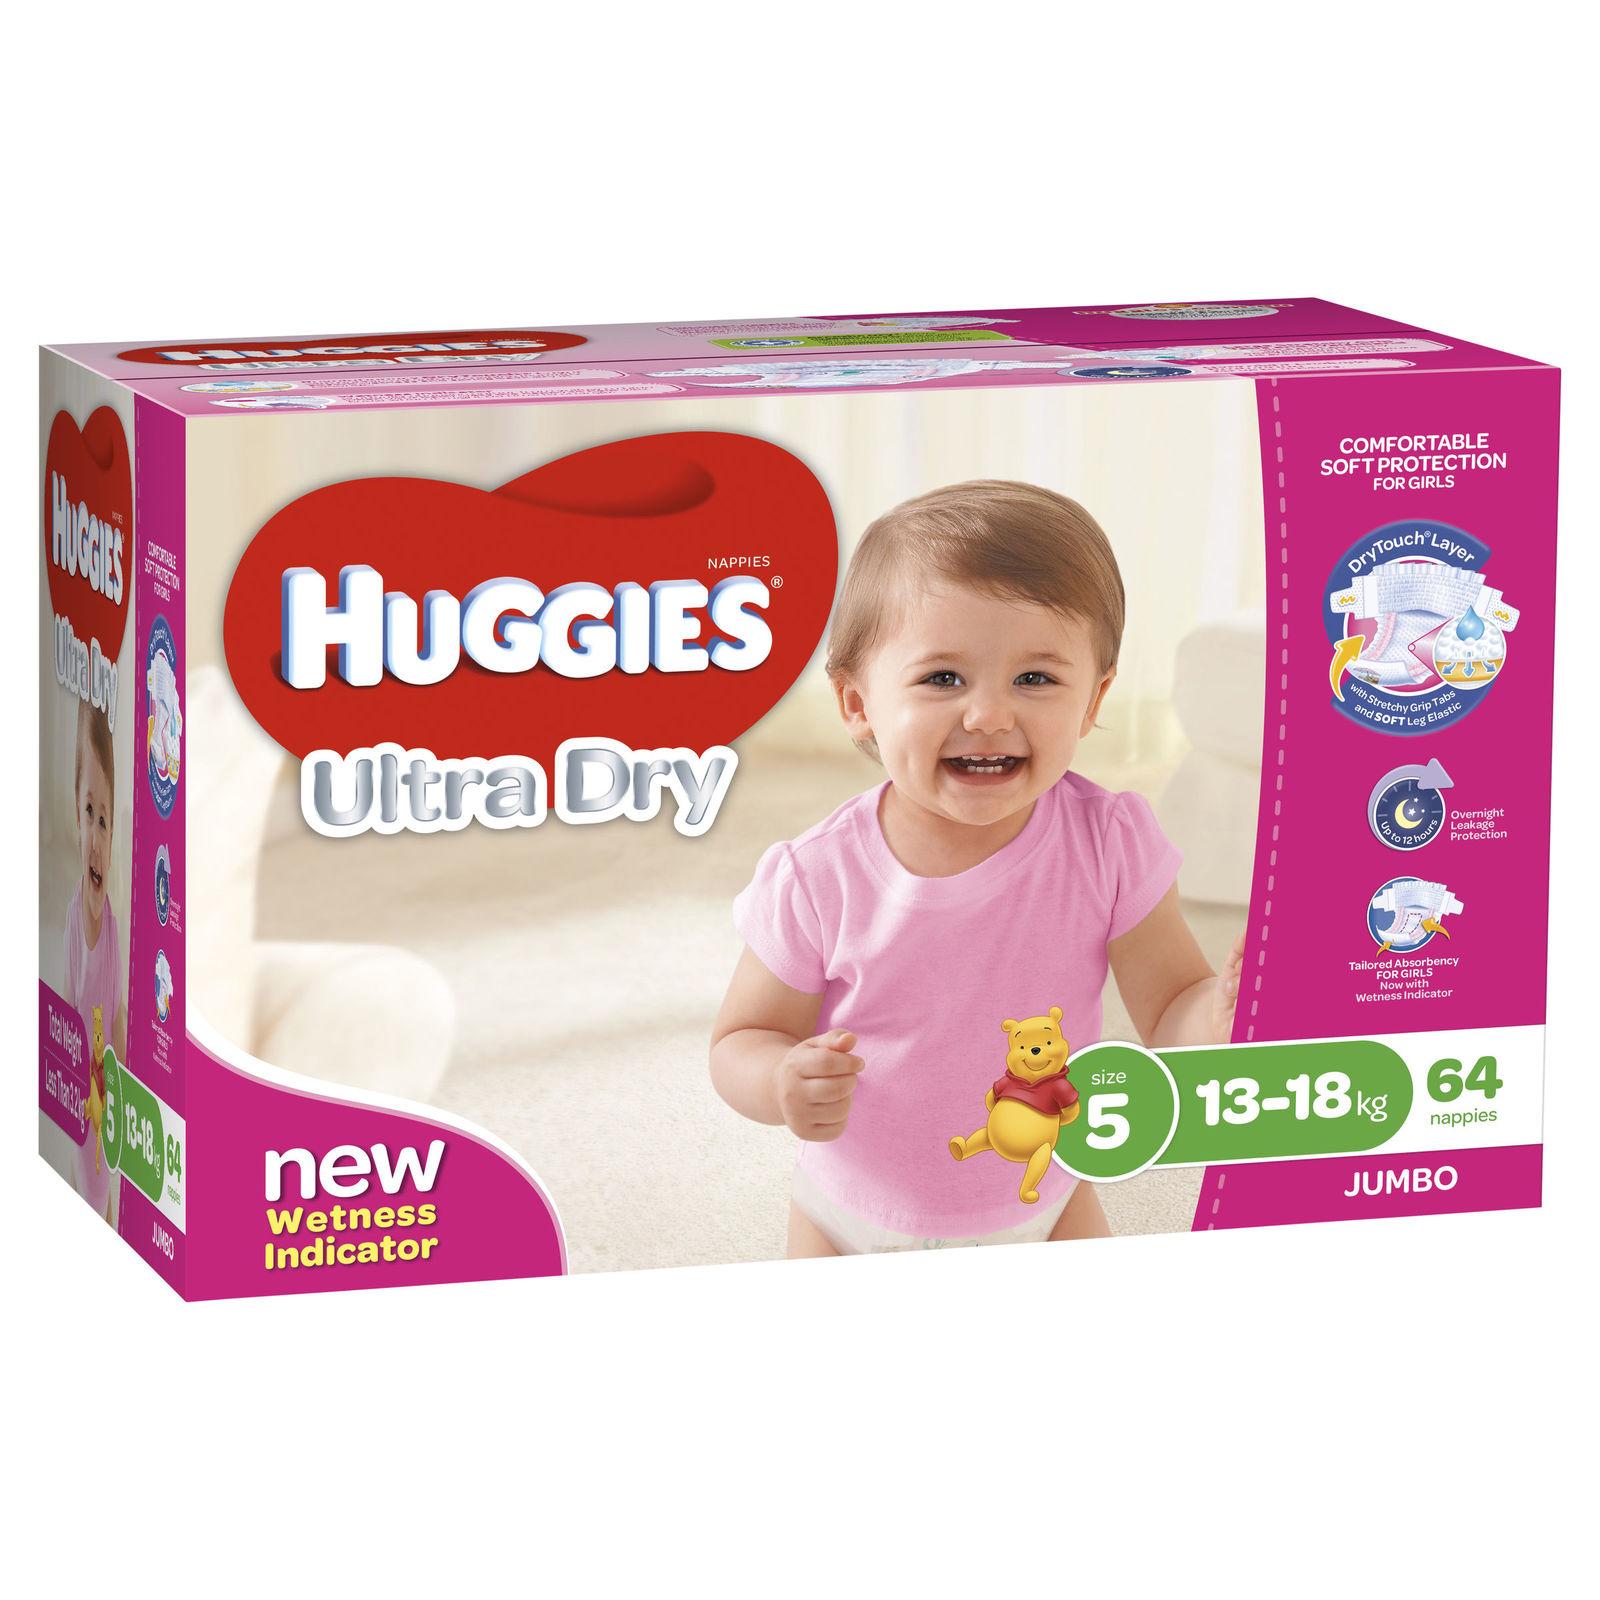 Huggies Ultra Dry Nappies: Jumbo Pack - Walker Girl 13-18kg (64) image